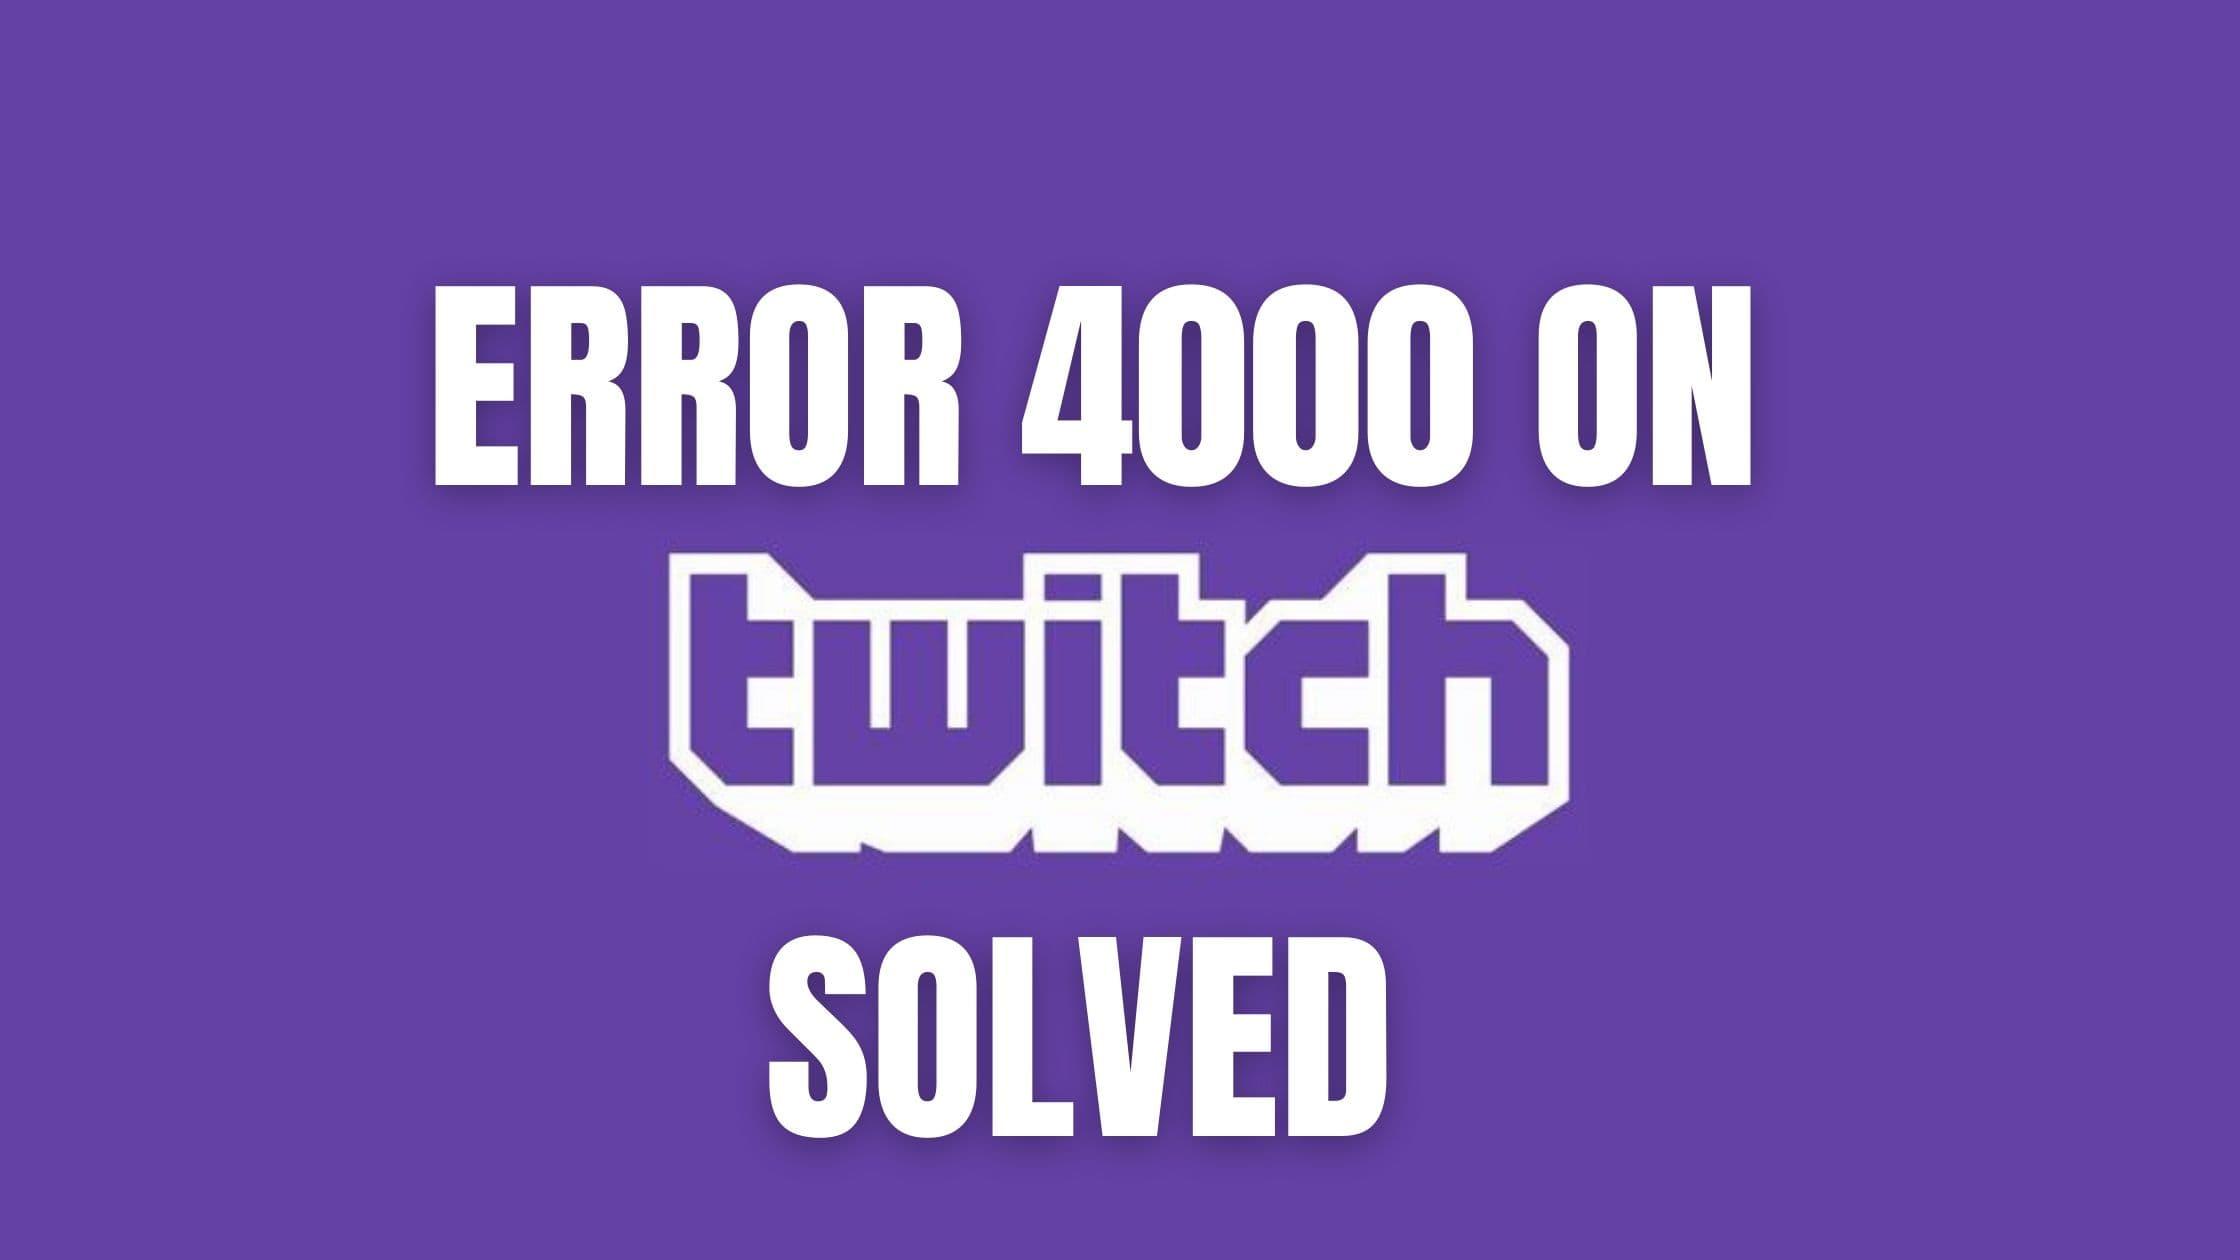 Twitch error 4000